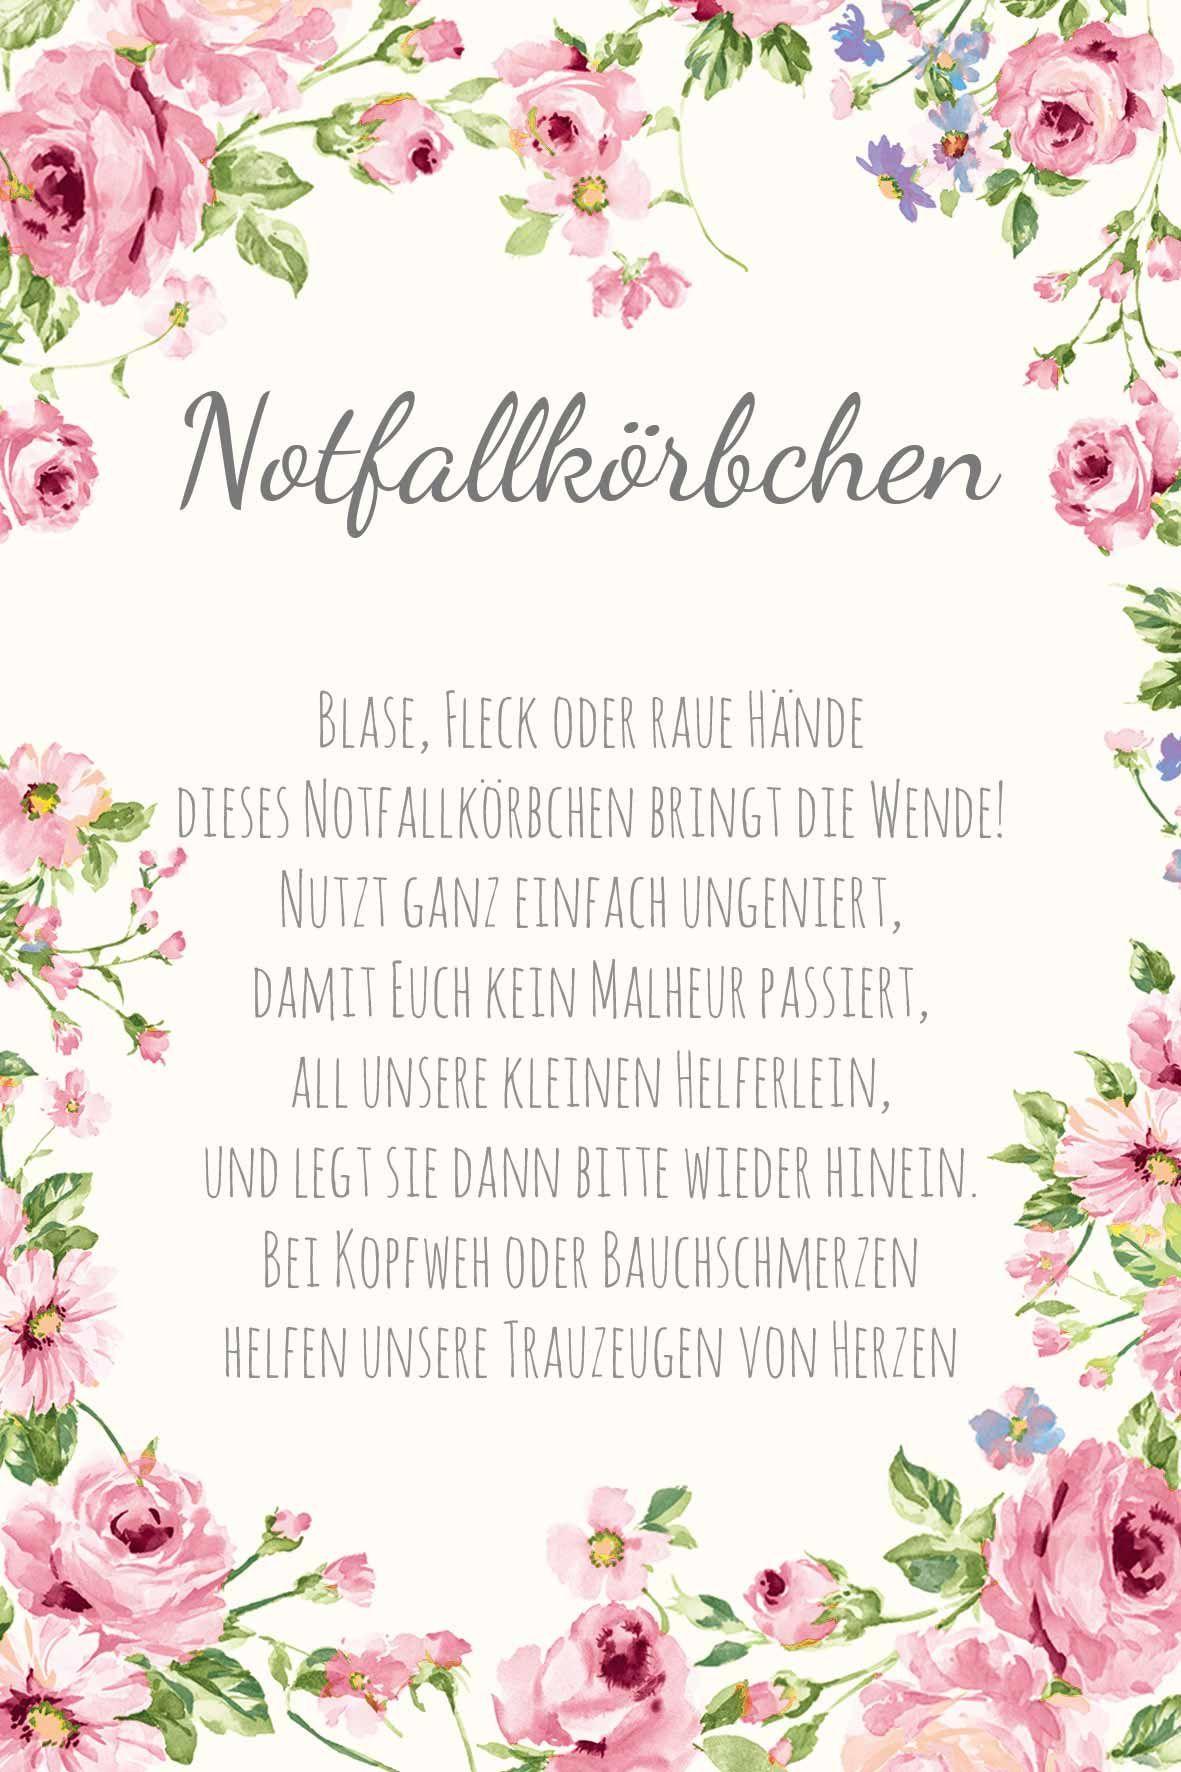 Vorlagen für eure Hochzeit: Karten, Schilder & mehr im blumigen Design als Freebie zum Download: Notfallkörbchen #flowers